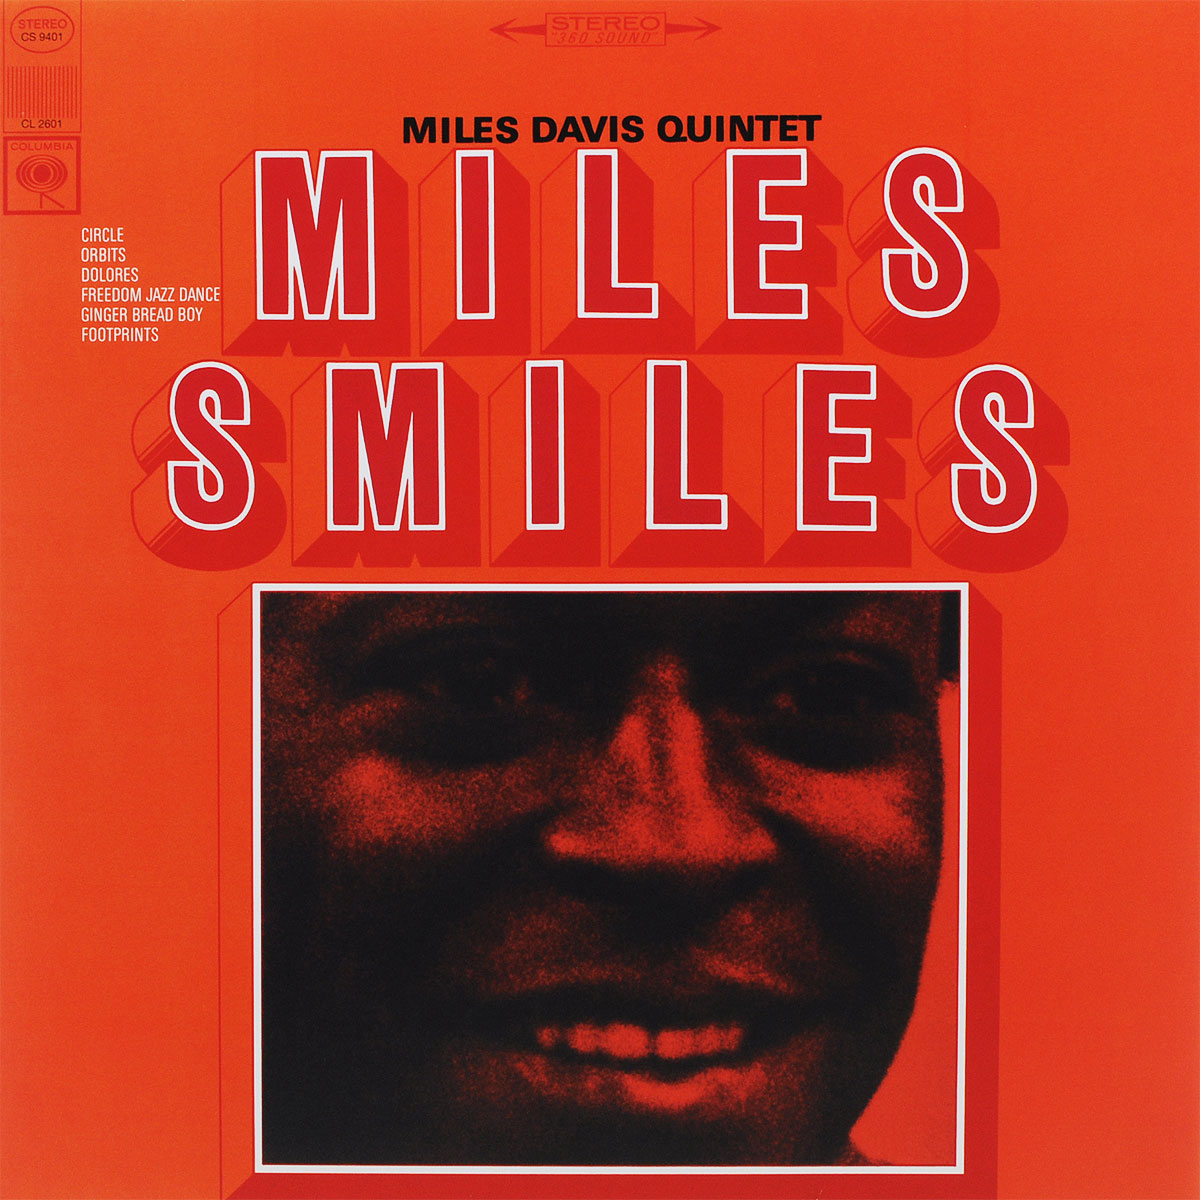 Майлз Дэвис,Miles Davis Quintet DAVIS, MILES -QUINTET- Miles Smiles -Hq- LP майлз дэвис miles davis someday my prince will come lp